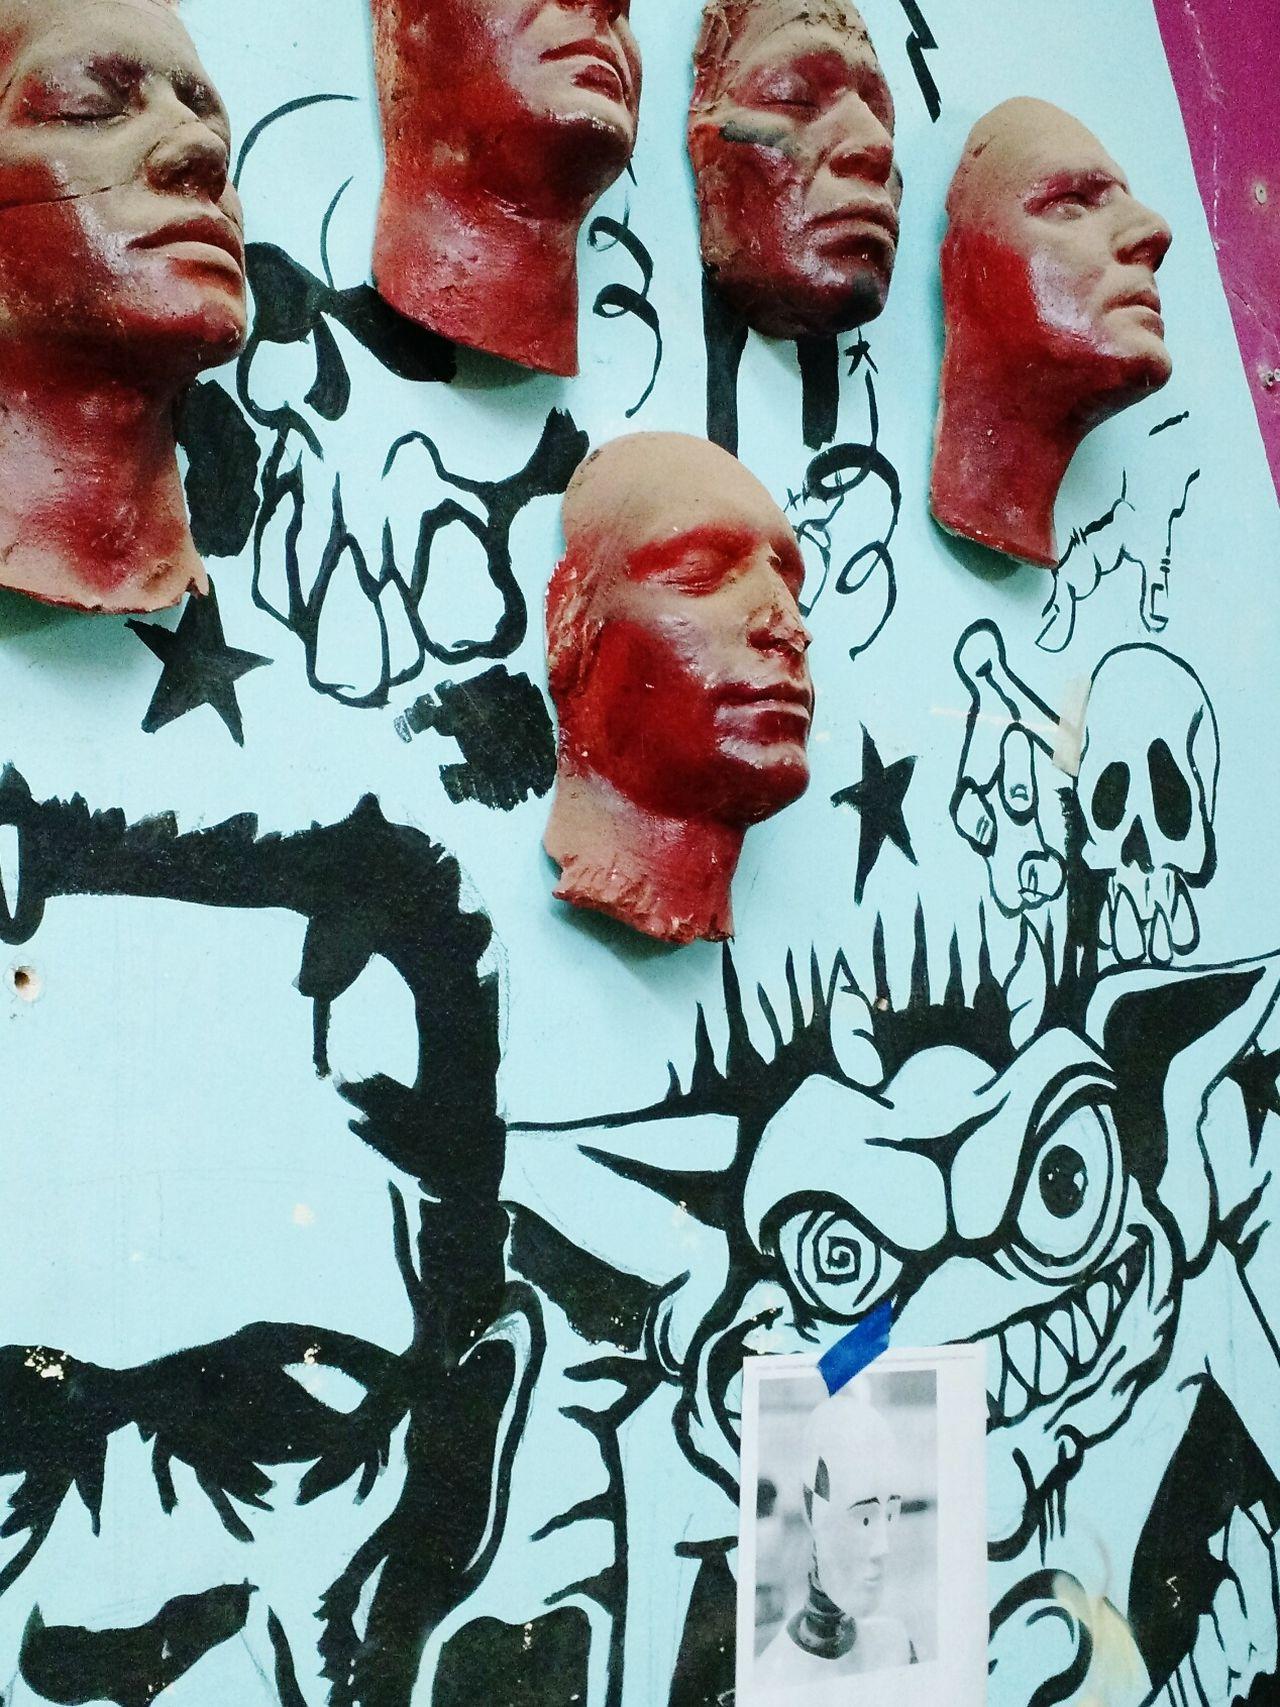 Caras Pintadas Rostros Sciencie Fiction Pelicula!! Estudio Arte Muro